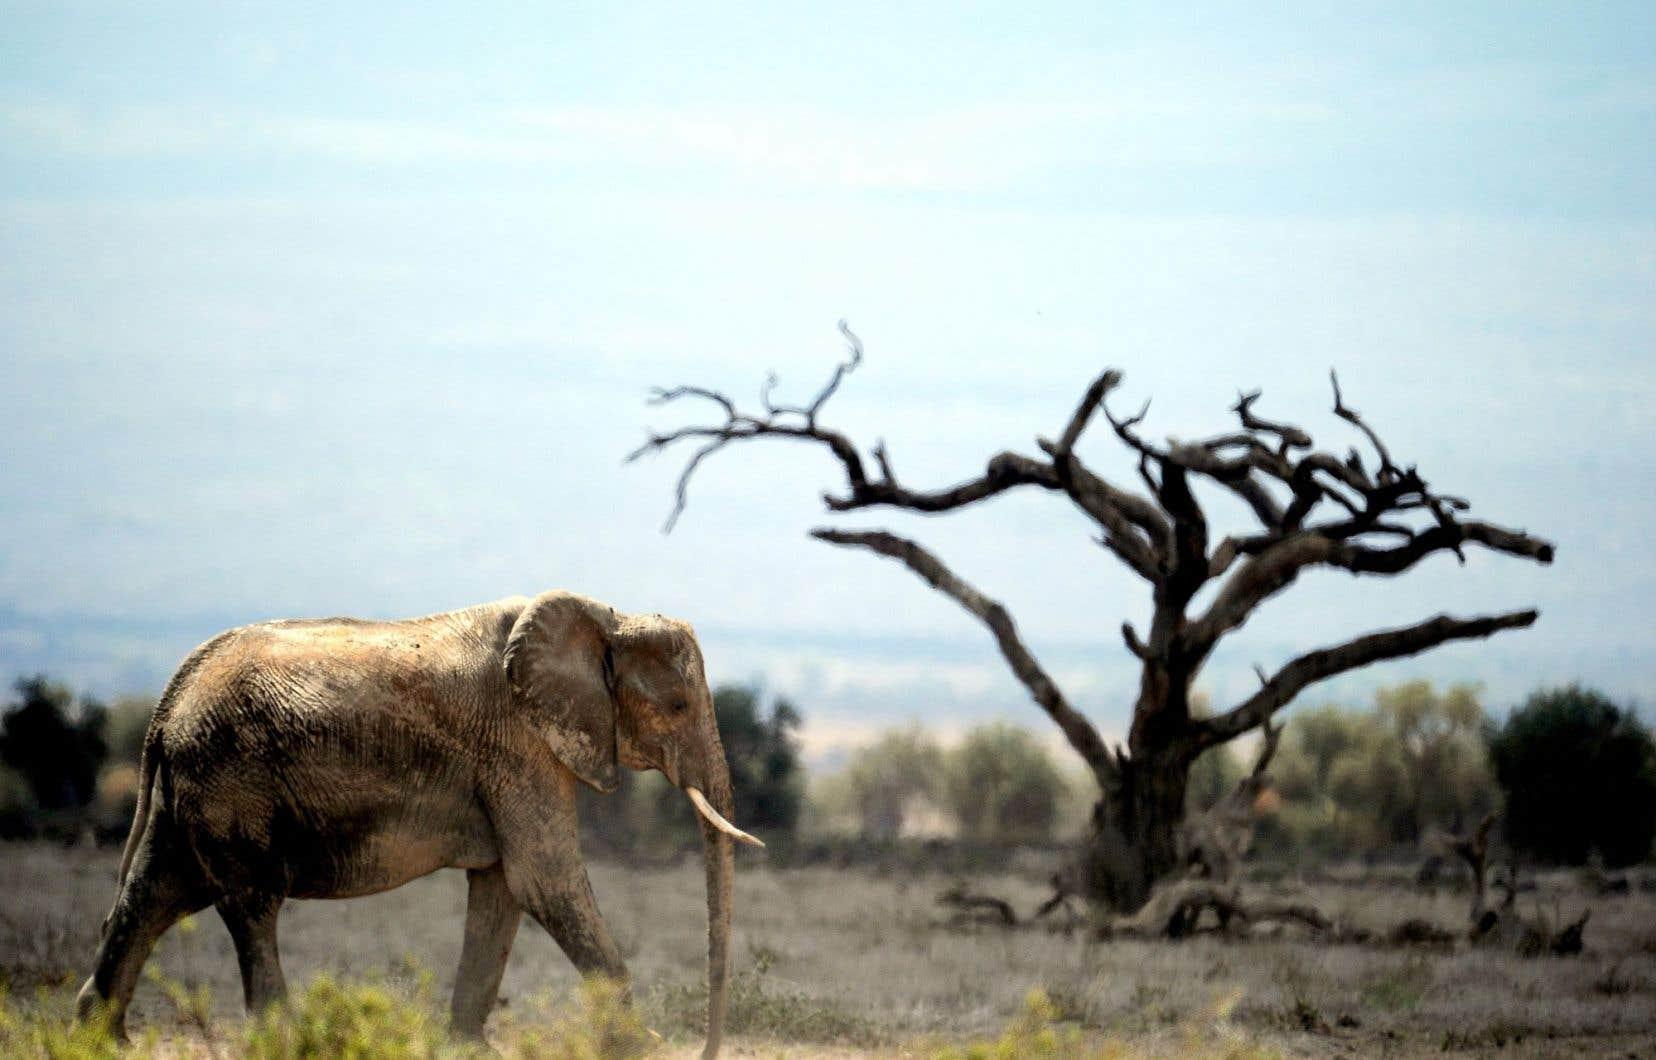 La situation est particulièrement préoccupante en Afrique subsaharienne et en Asie du Sud-Est, deux régions du monde qui hébergent la plus grande diversité de la «mégafaune» existante.